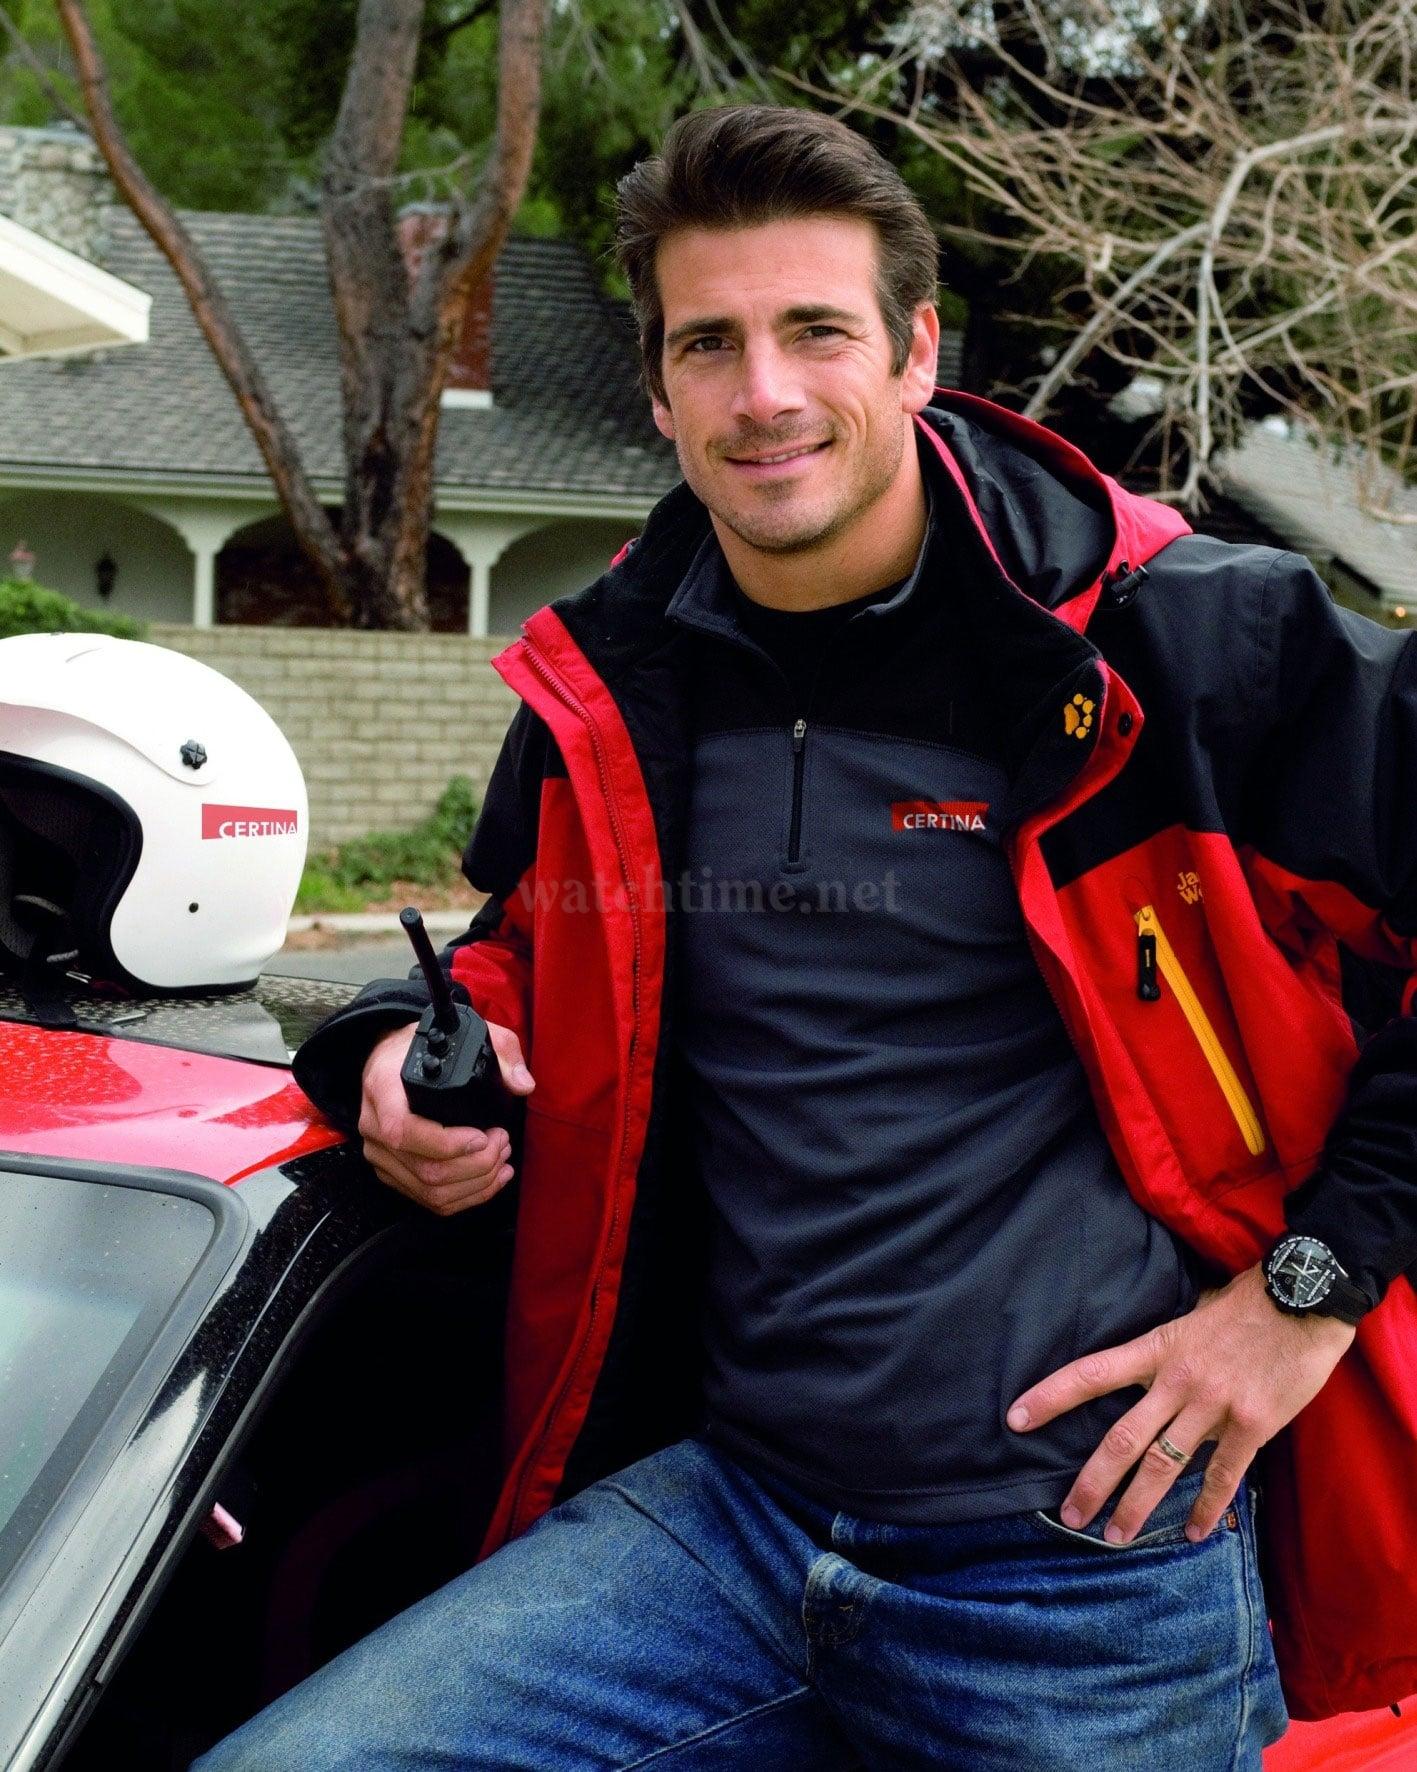 Stuntman Oliver Keller: Botschafter des Marke Certina